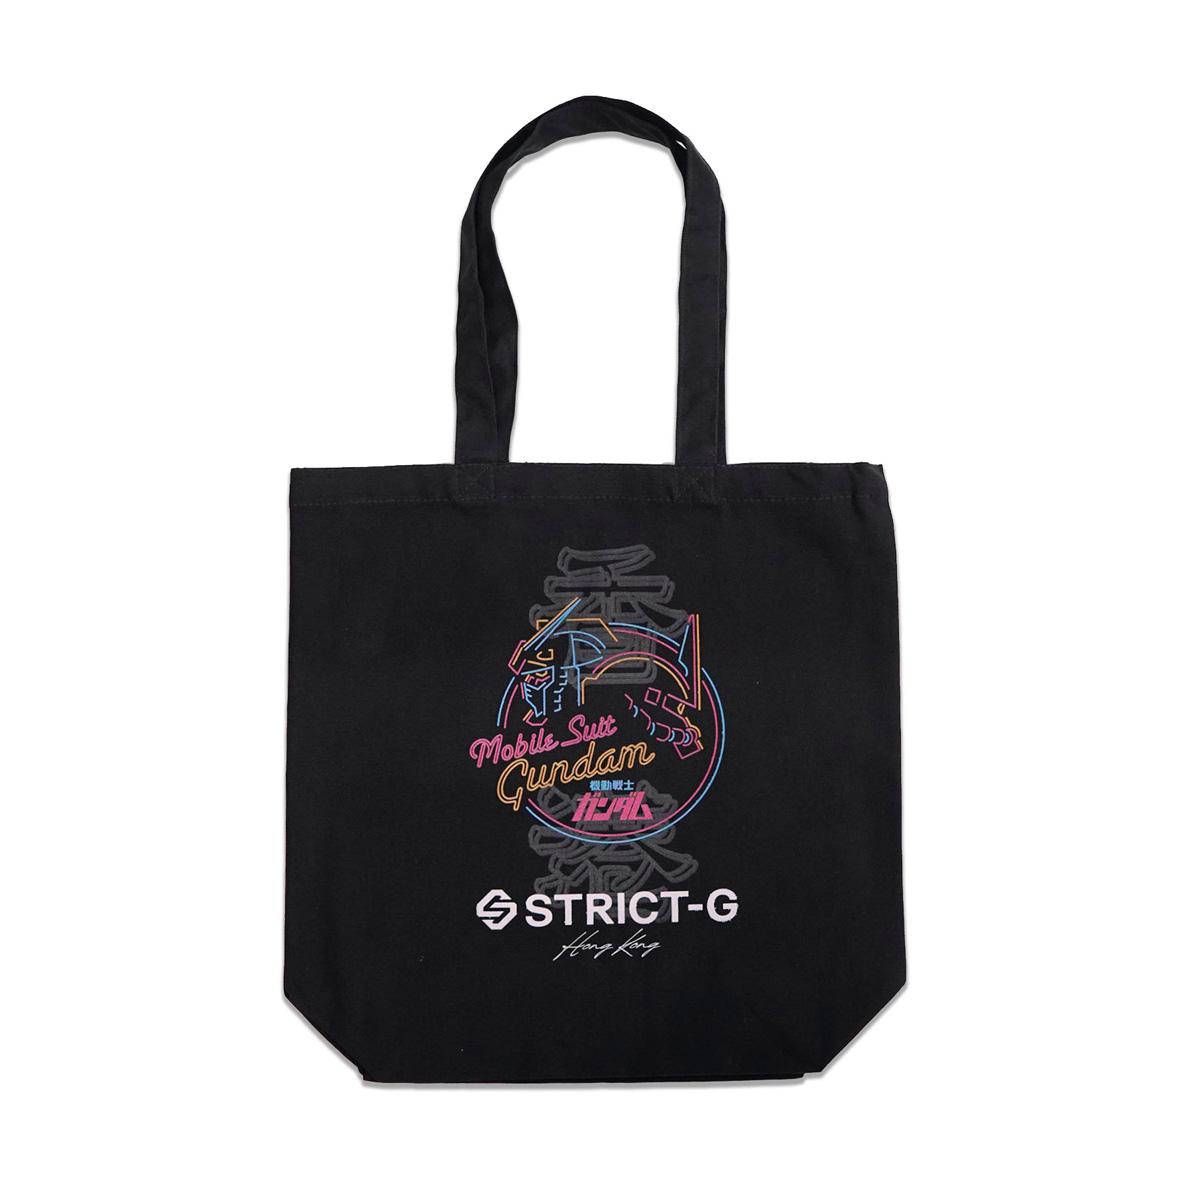 7月4日(日)より「STRICT-G POP UP STORE IN 香港」尖沙咀 K11 Art Mallにて開催!